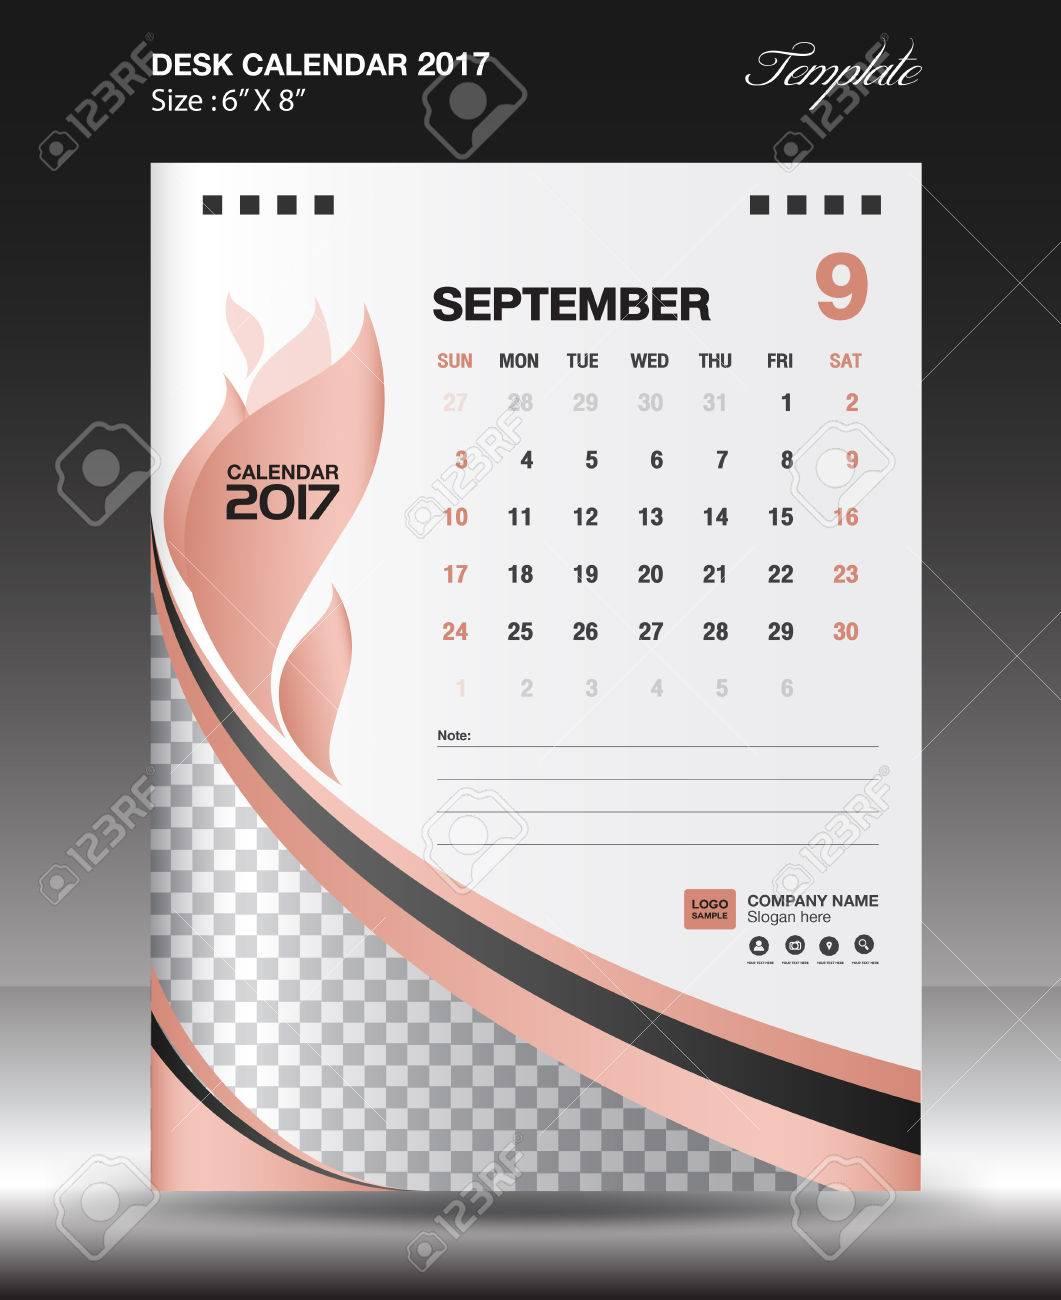 Nude desk calendar Nude Photos 44